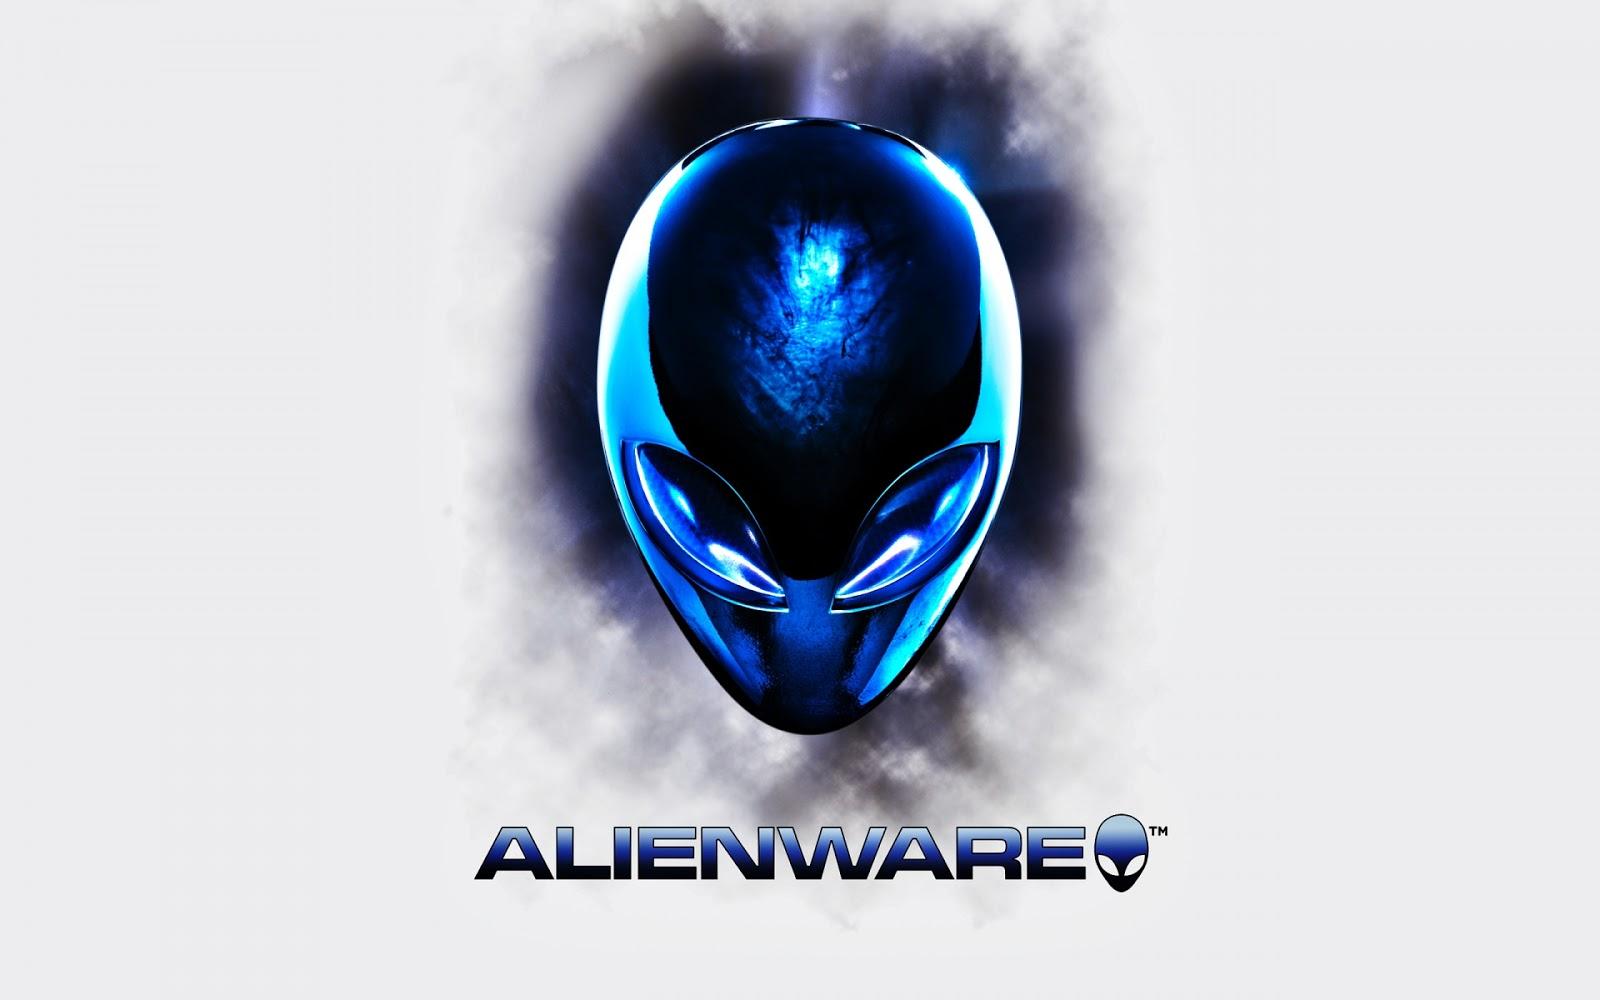 Alienware Blue Download 1920x1200 1600x1000